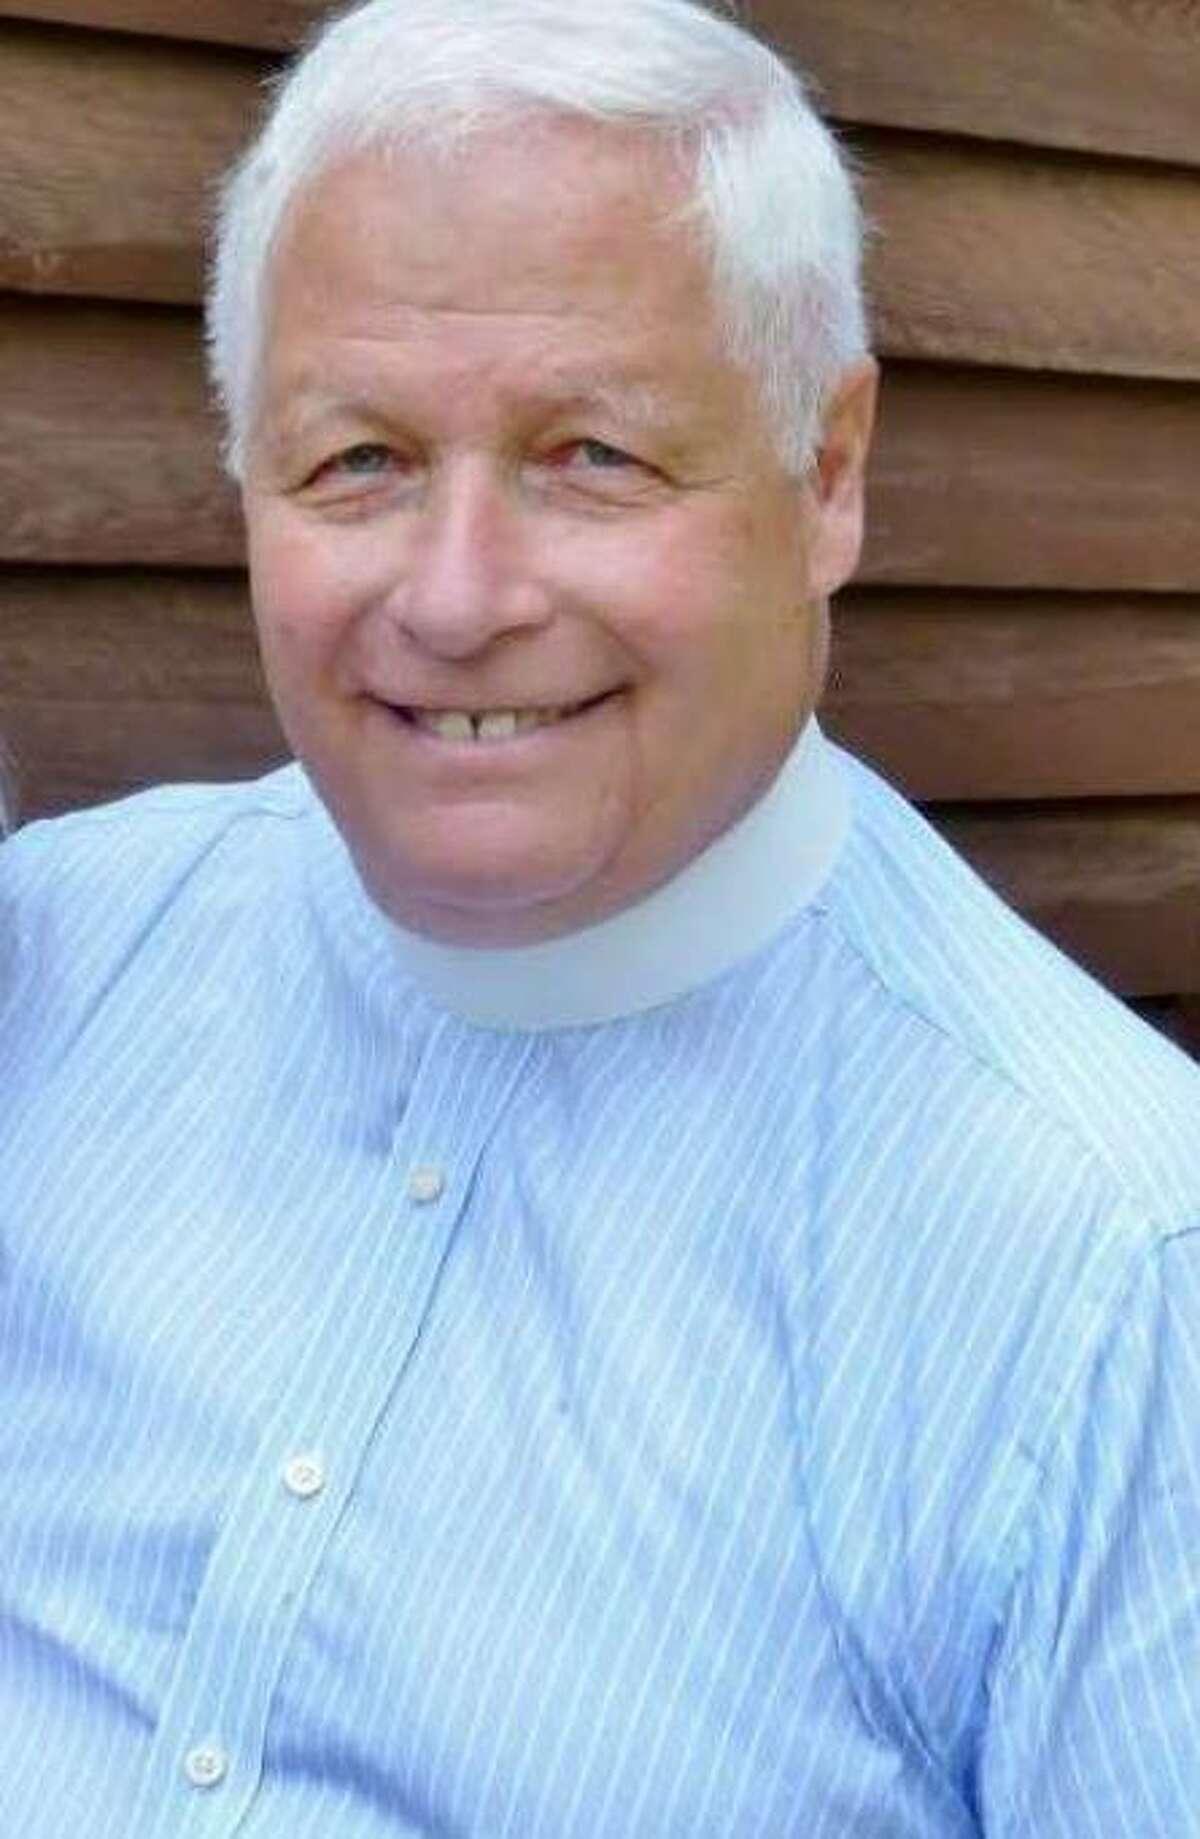 The Rev. John Branson of Christ Church Greenwich.